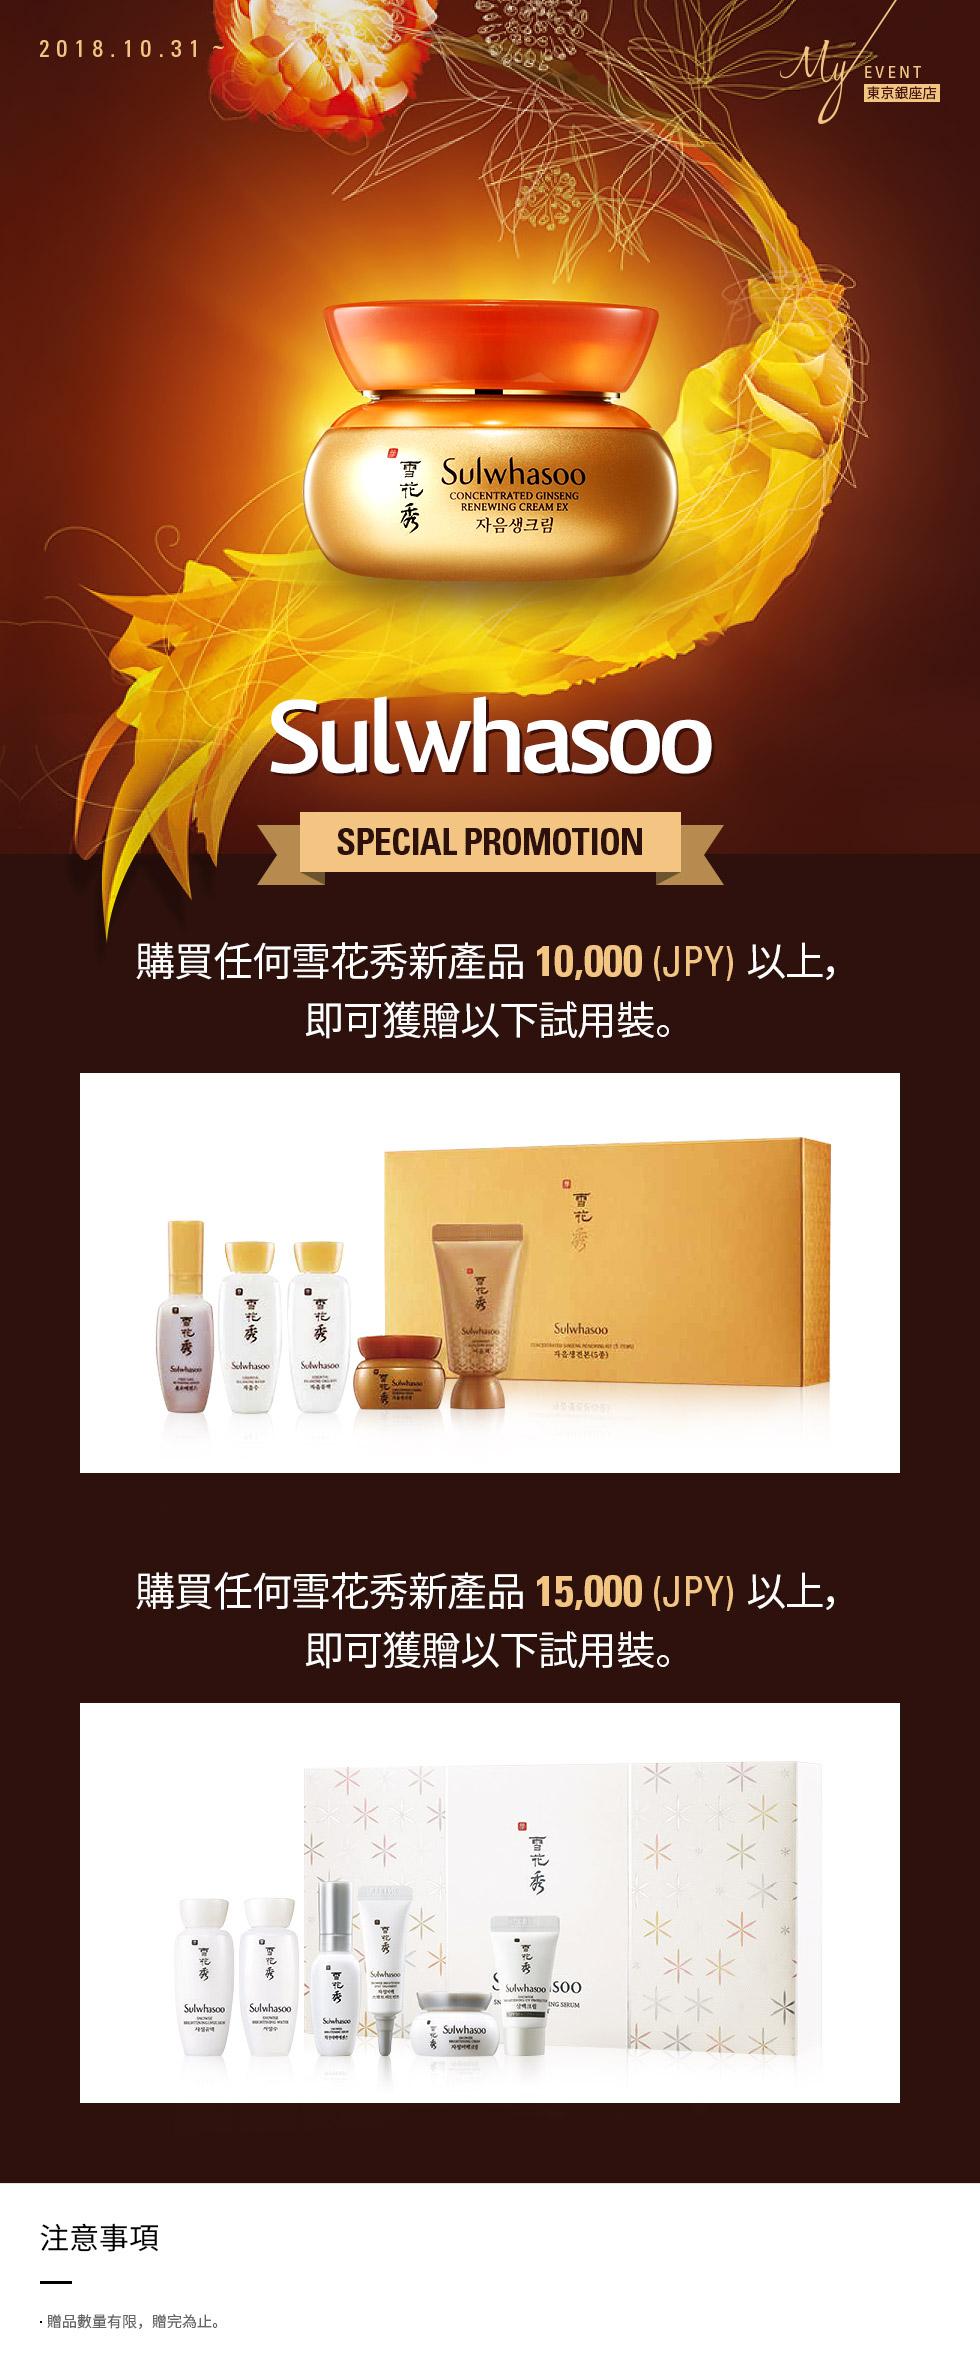 東京銀座店 Sulwhasoo Special Promotion